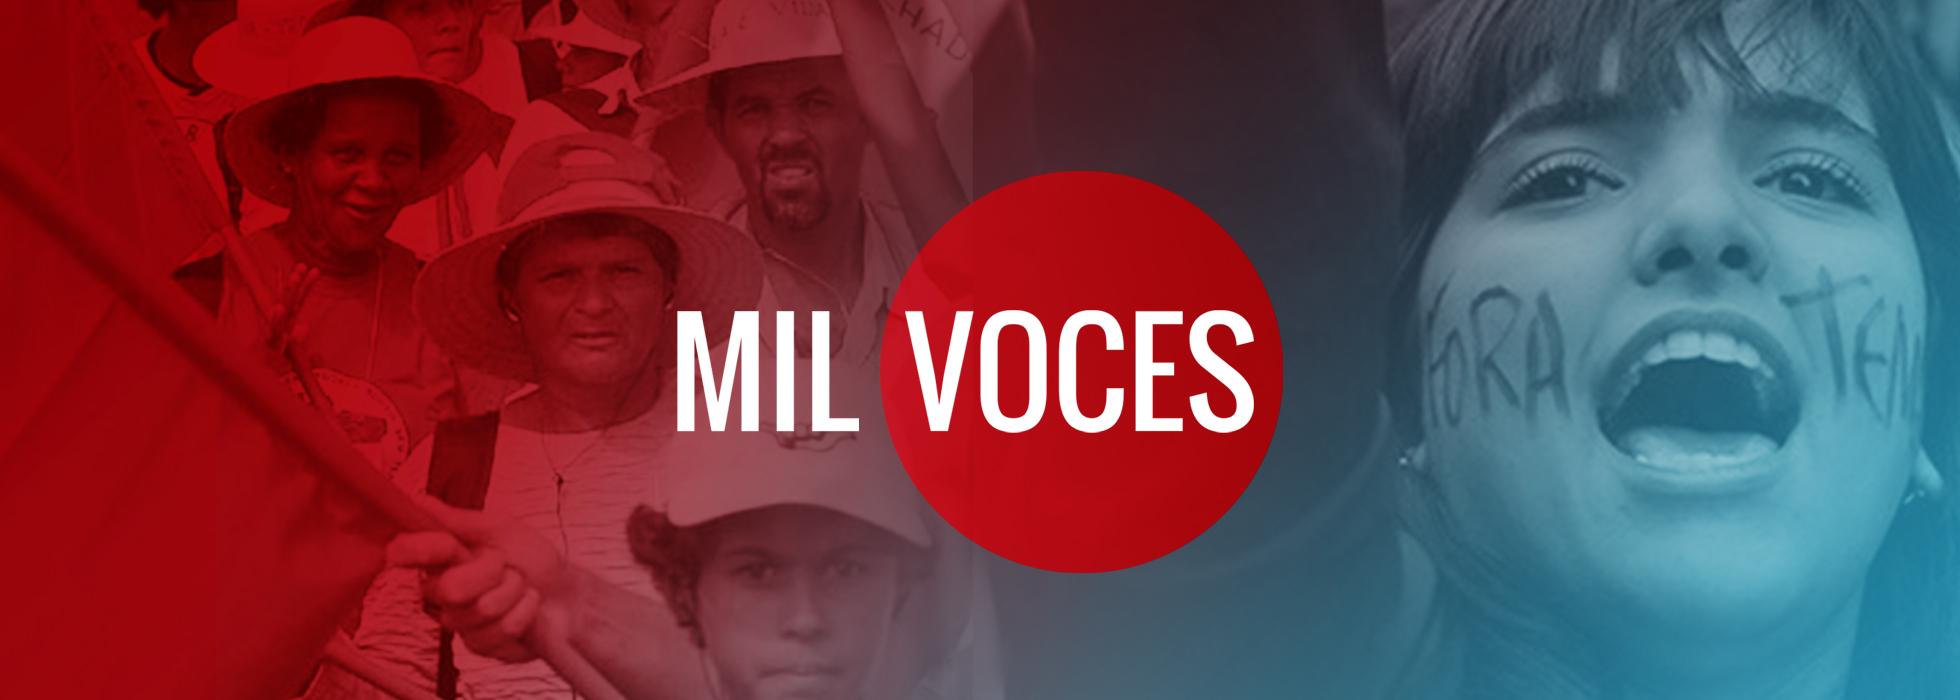 Mil Voces 368